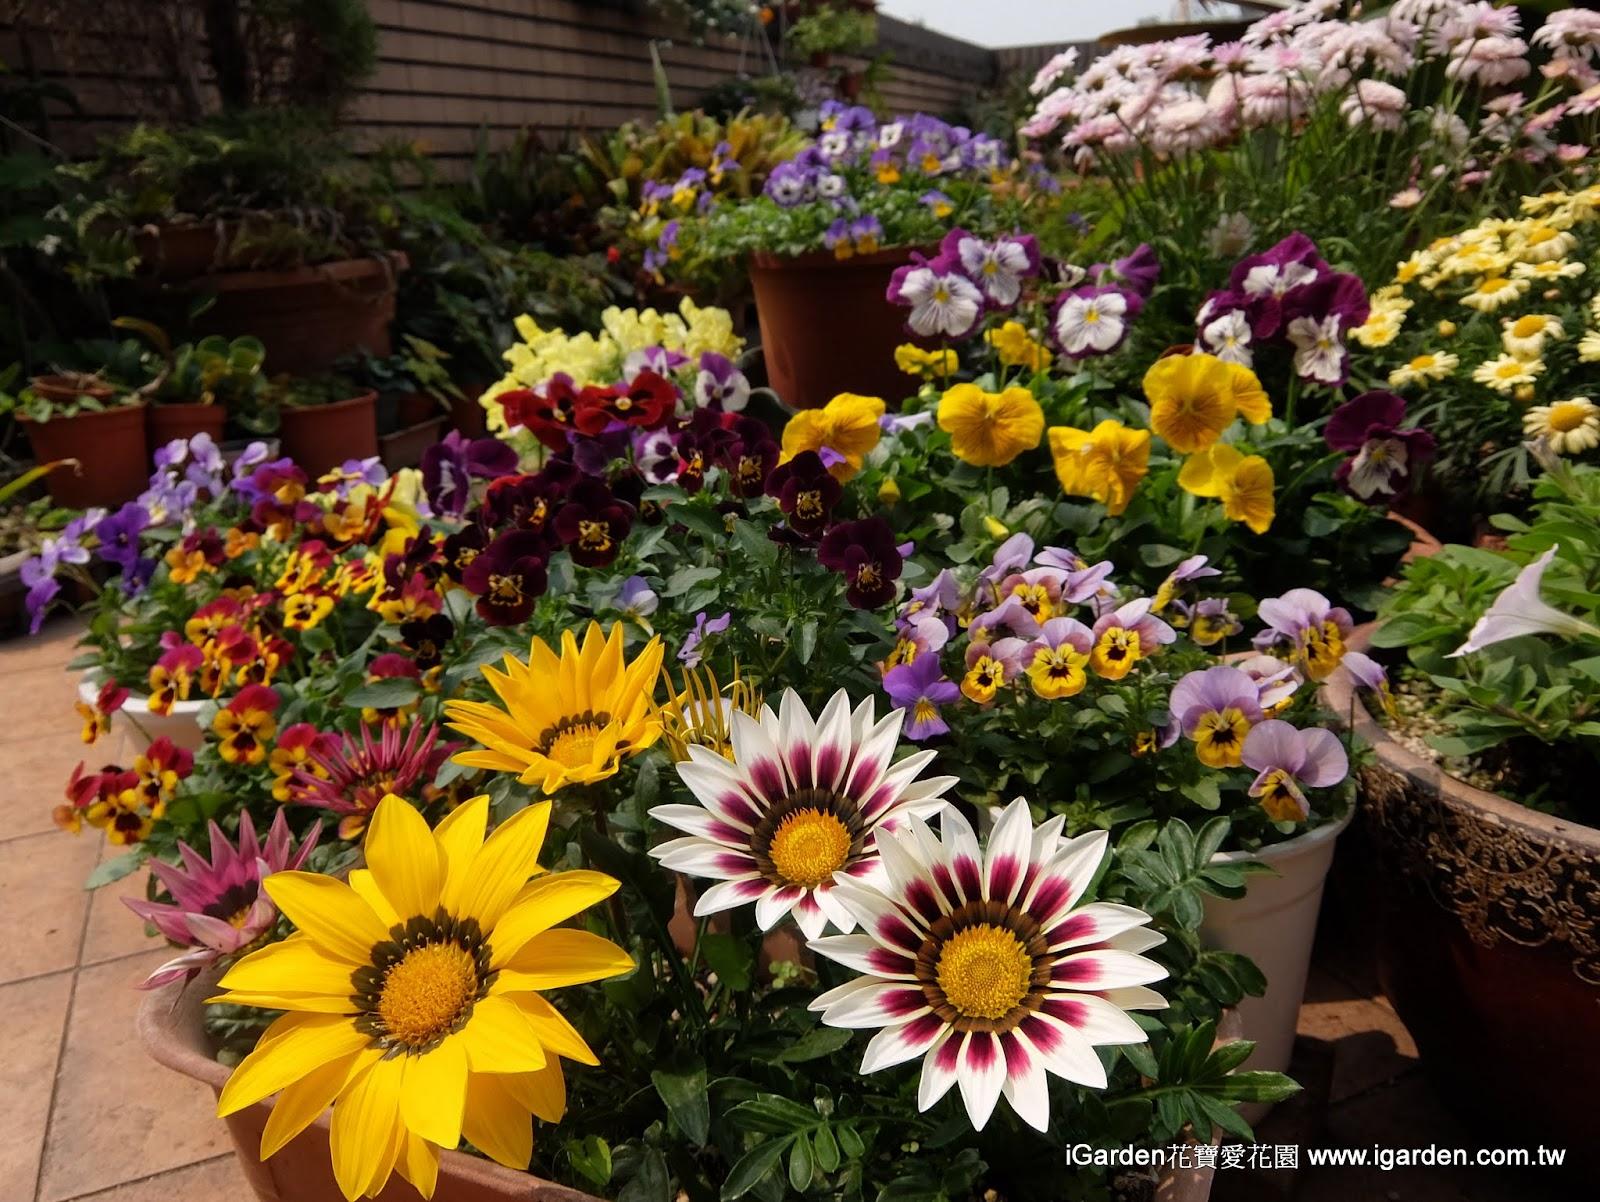 三月開什麼花:2015年3月頂樓花園實錄 - 園藝部落格:iGarden 花寶愛花園園藝文摘Plus